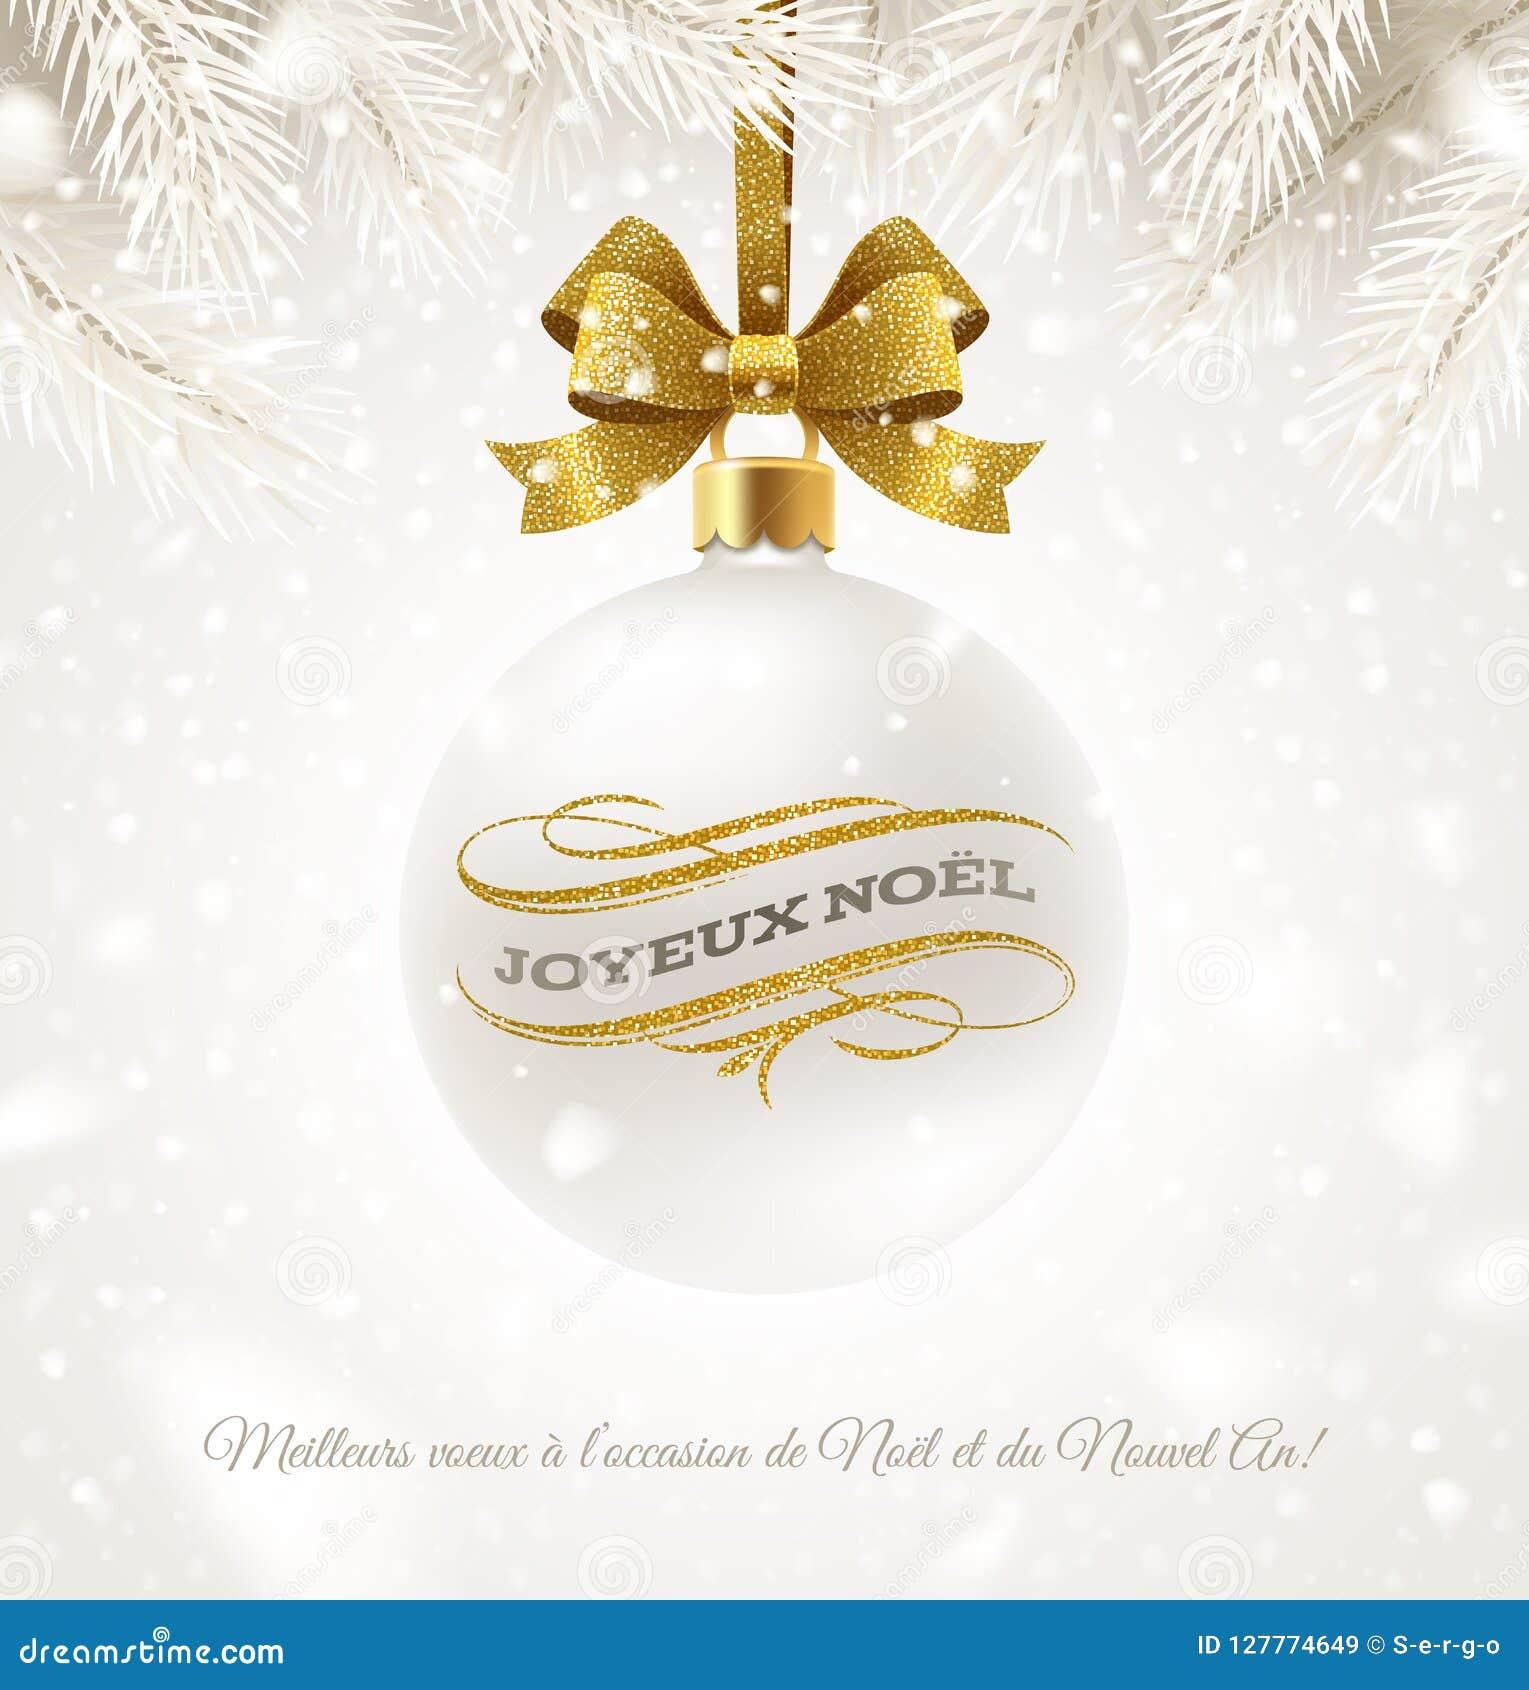 Joyeux Noel Et Nouvel An.Joyeux Noel Hanging White Christmas Bauble With Glitter